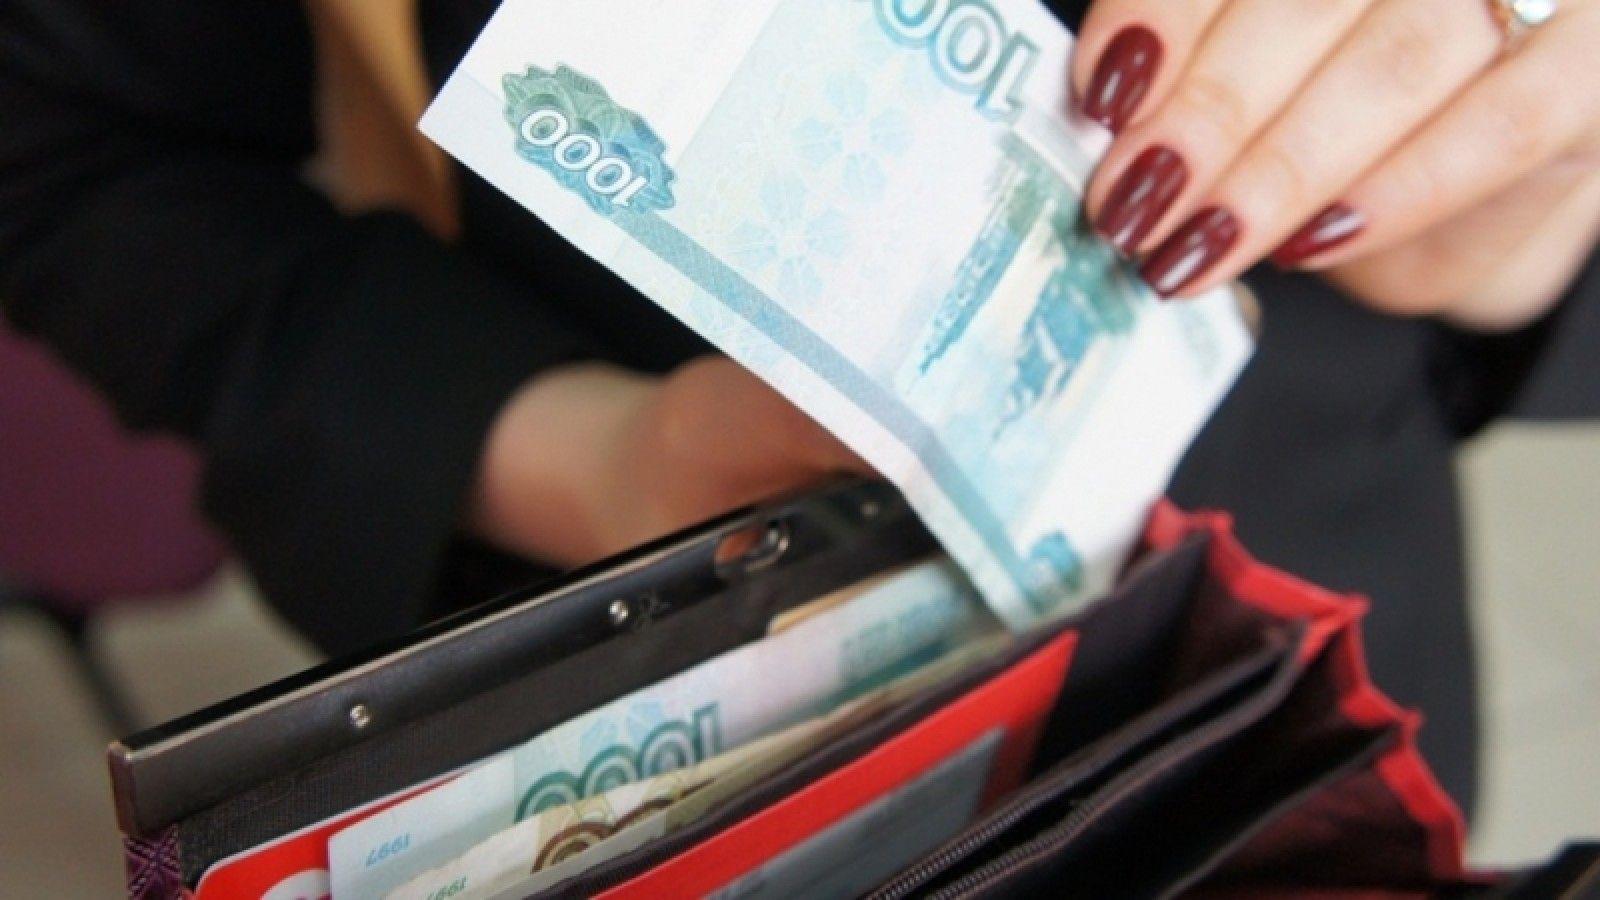 40% ставропольских налогоплательщиков не платят налоги в установленный законом срок